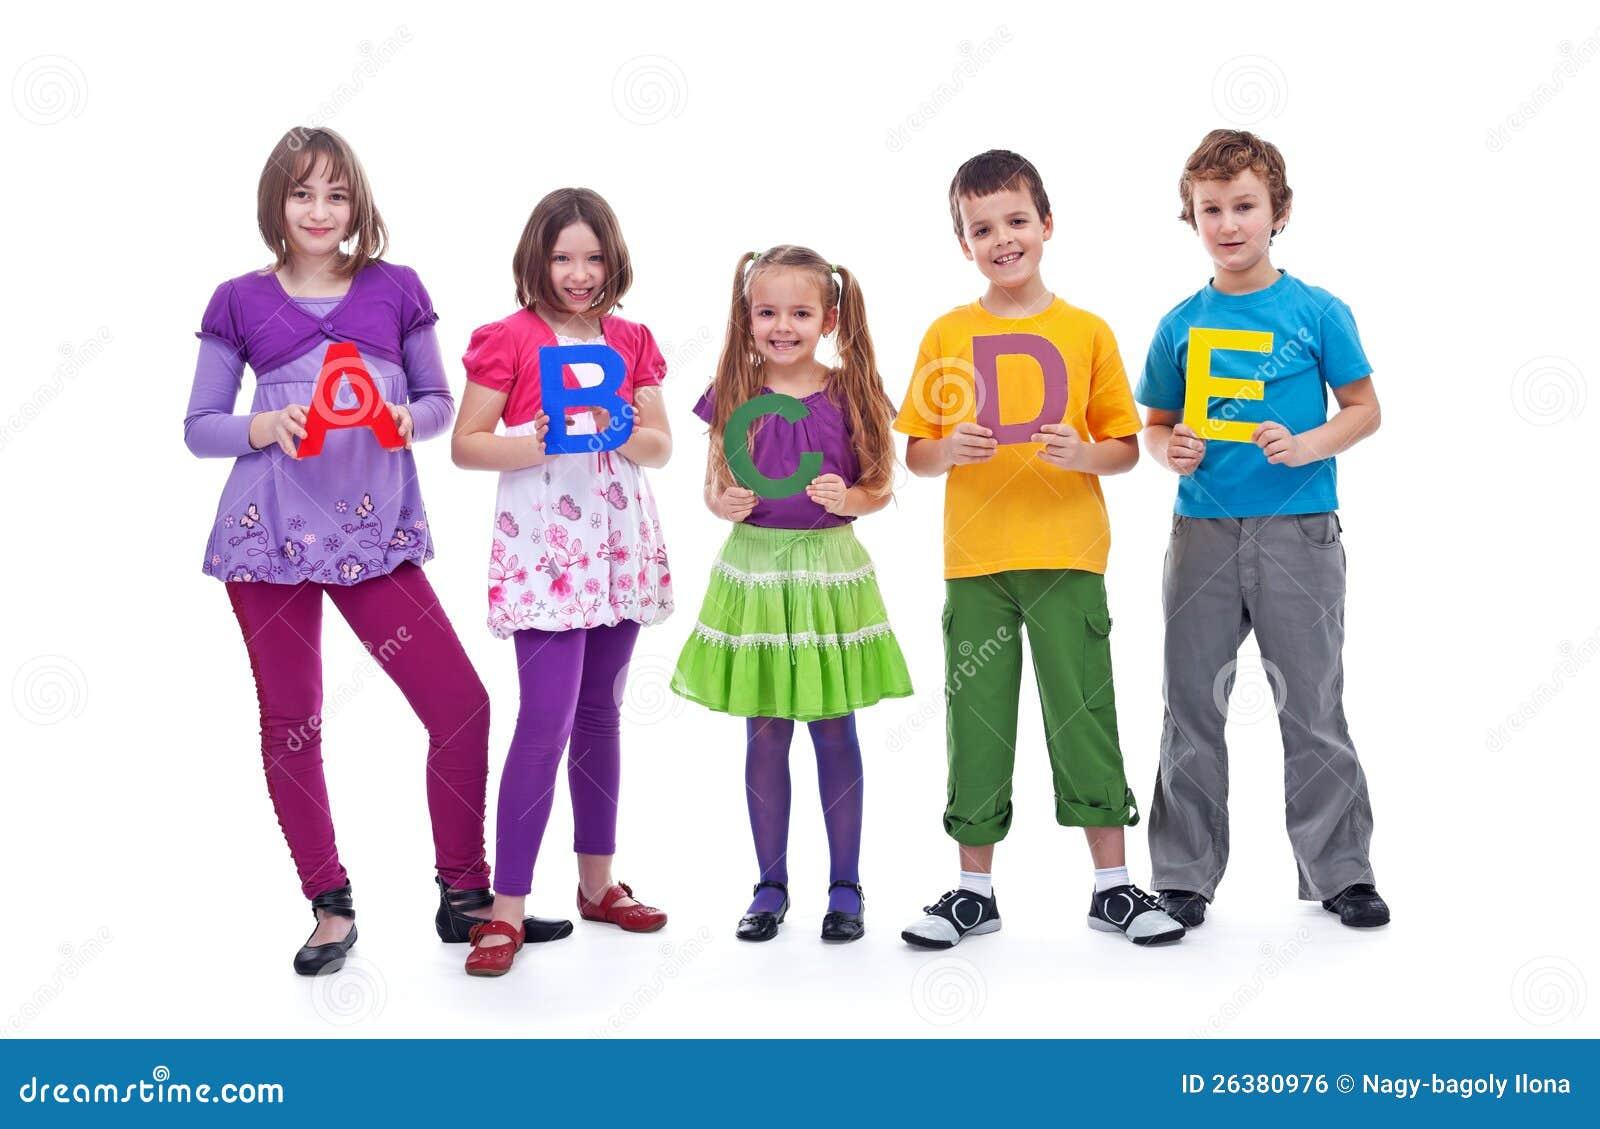 Starting a Kindergarten Business